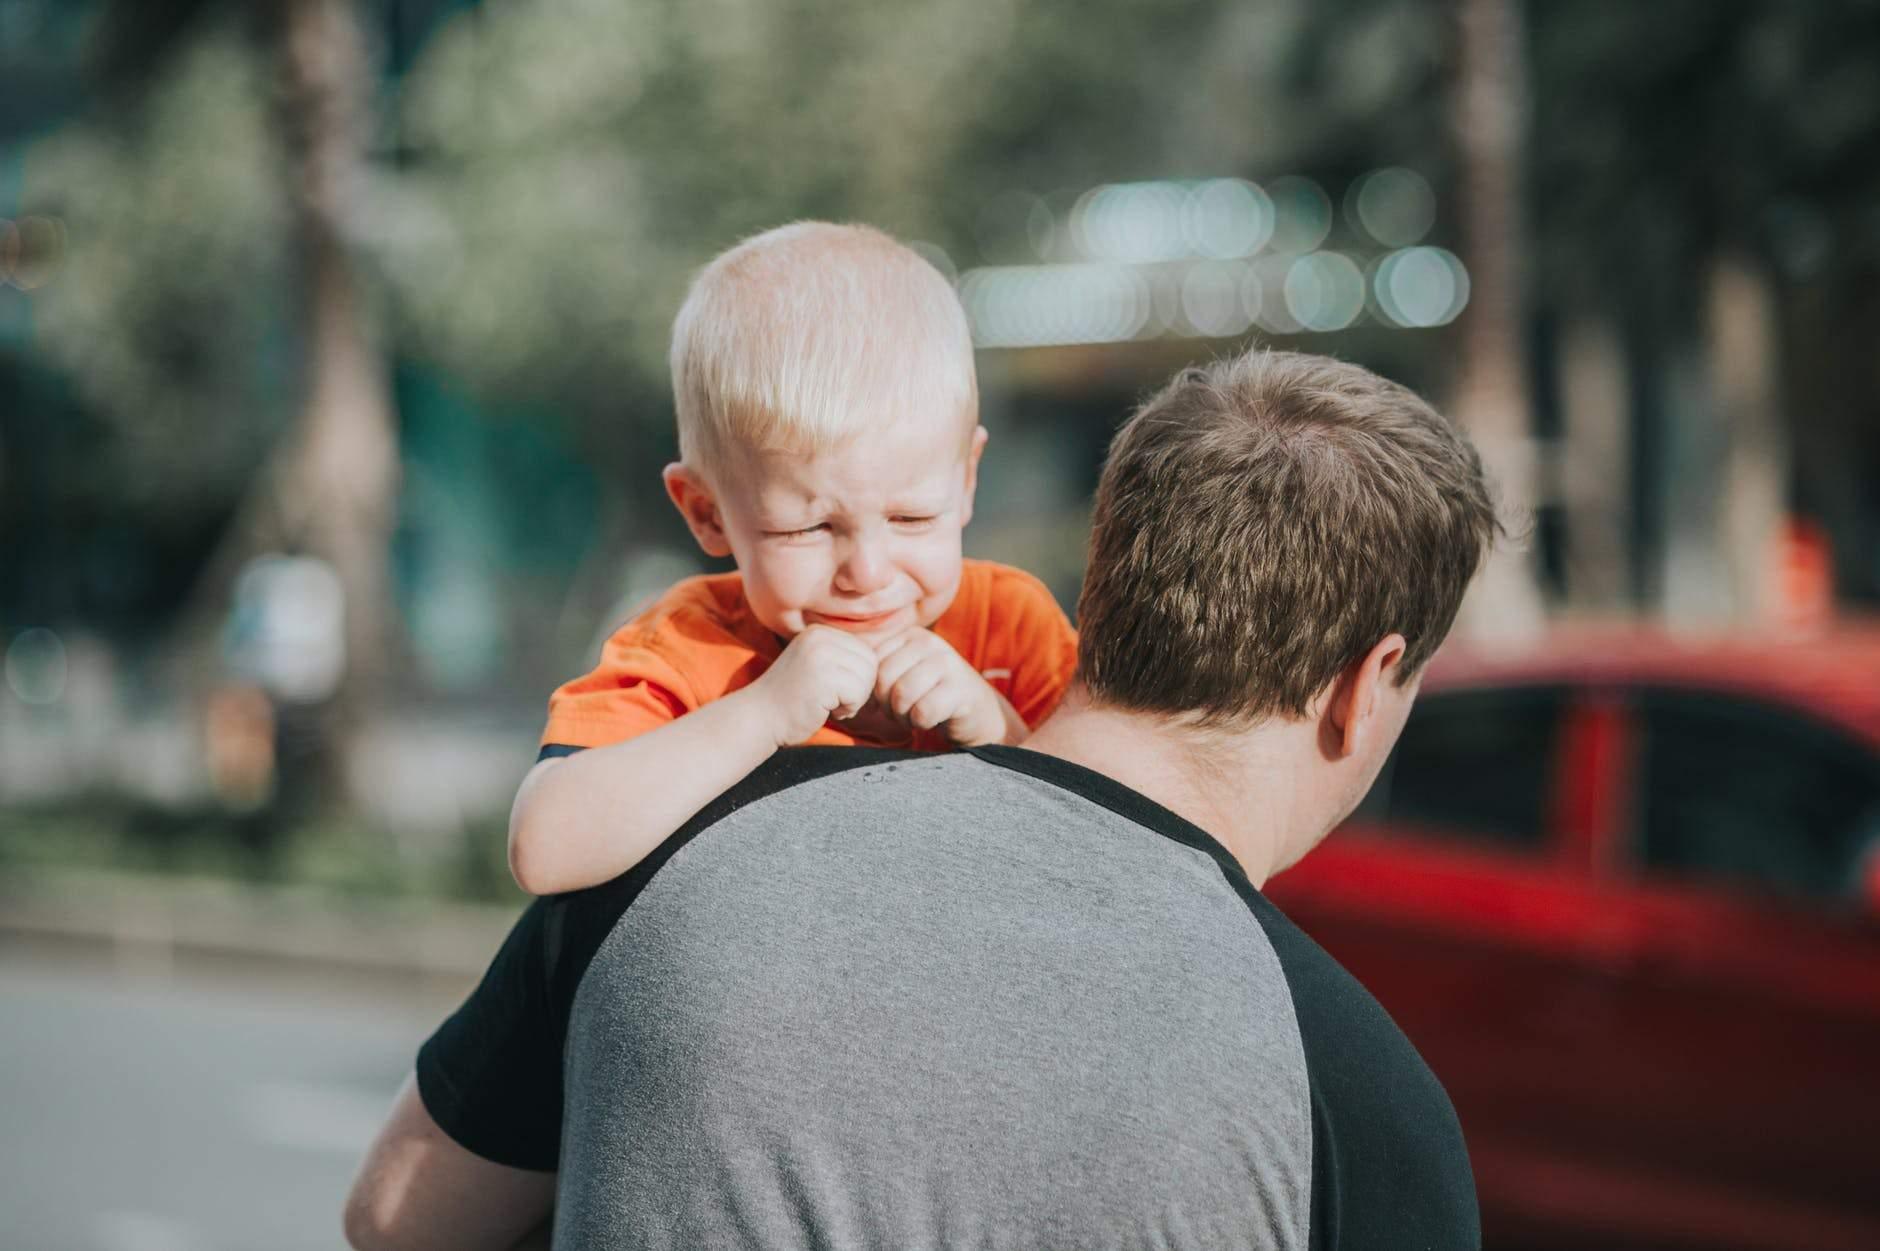 Про що свідчить дитячий плач